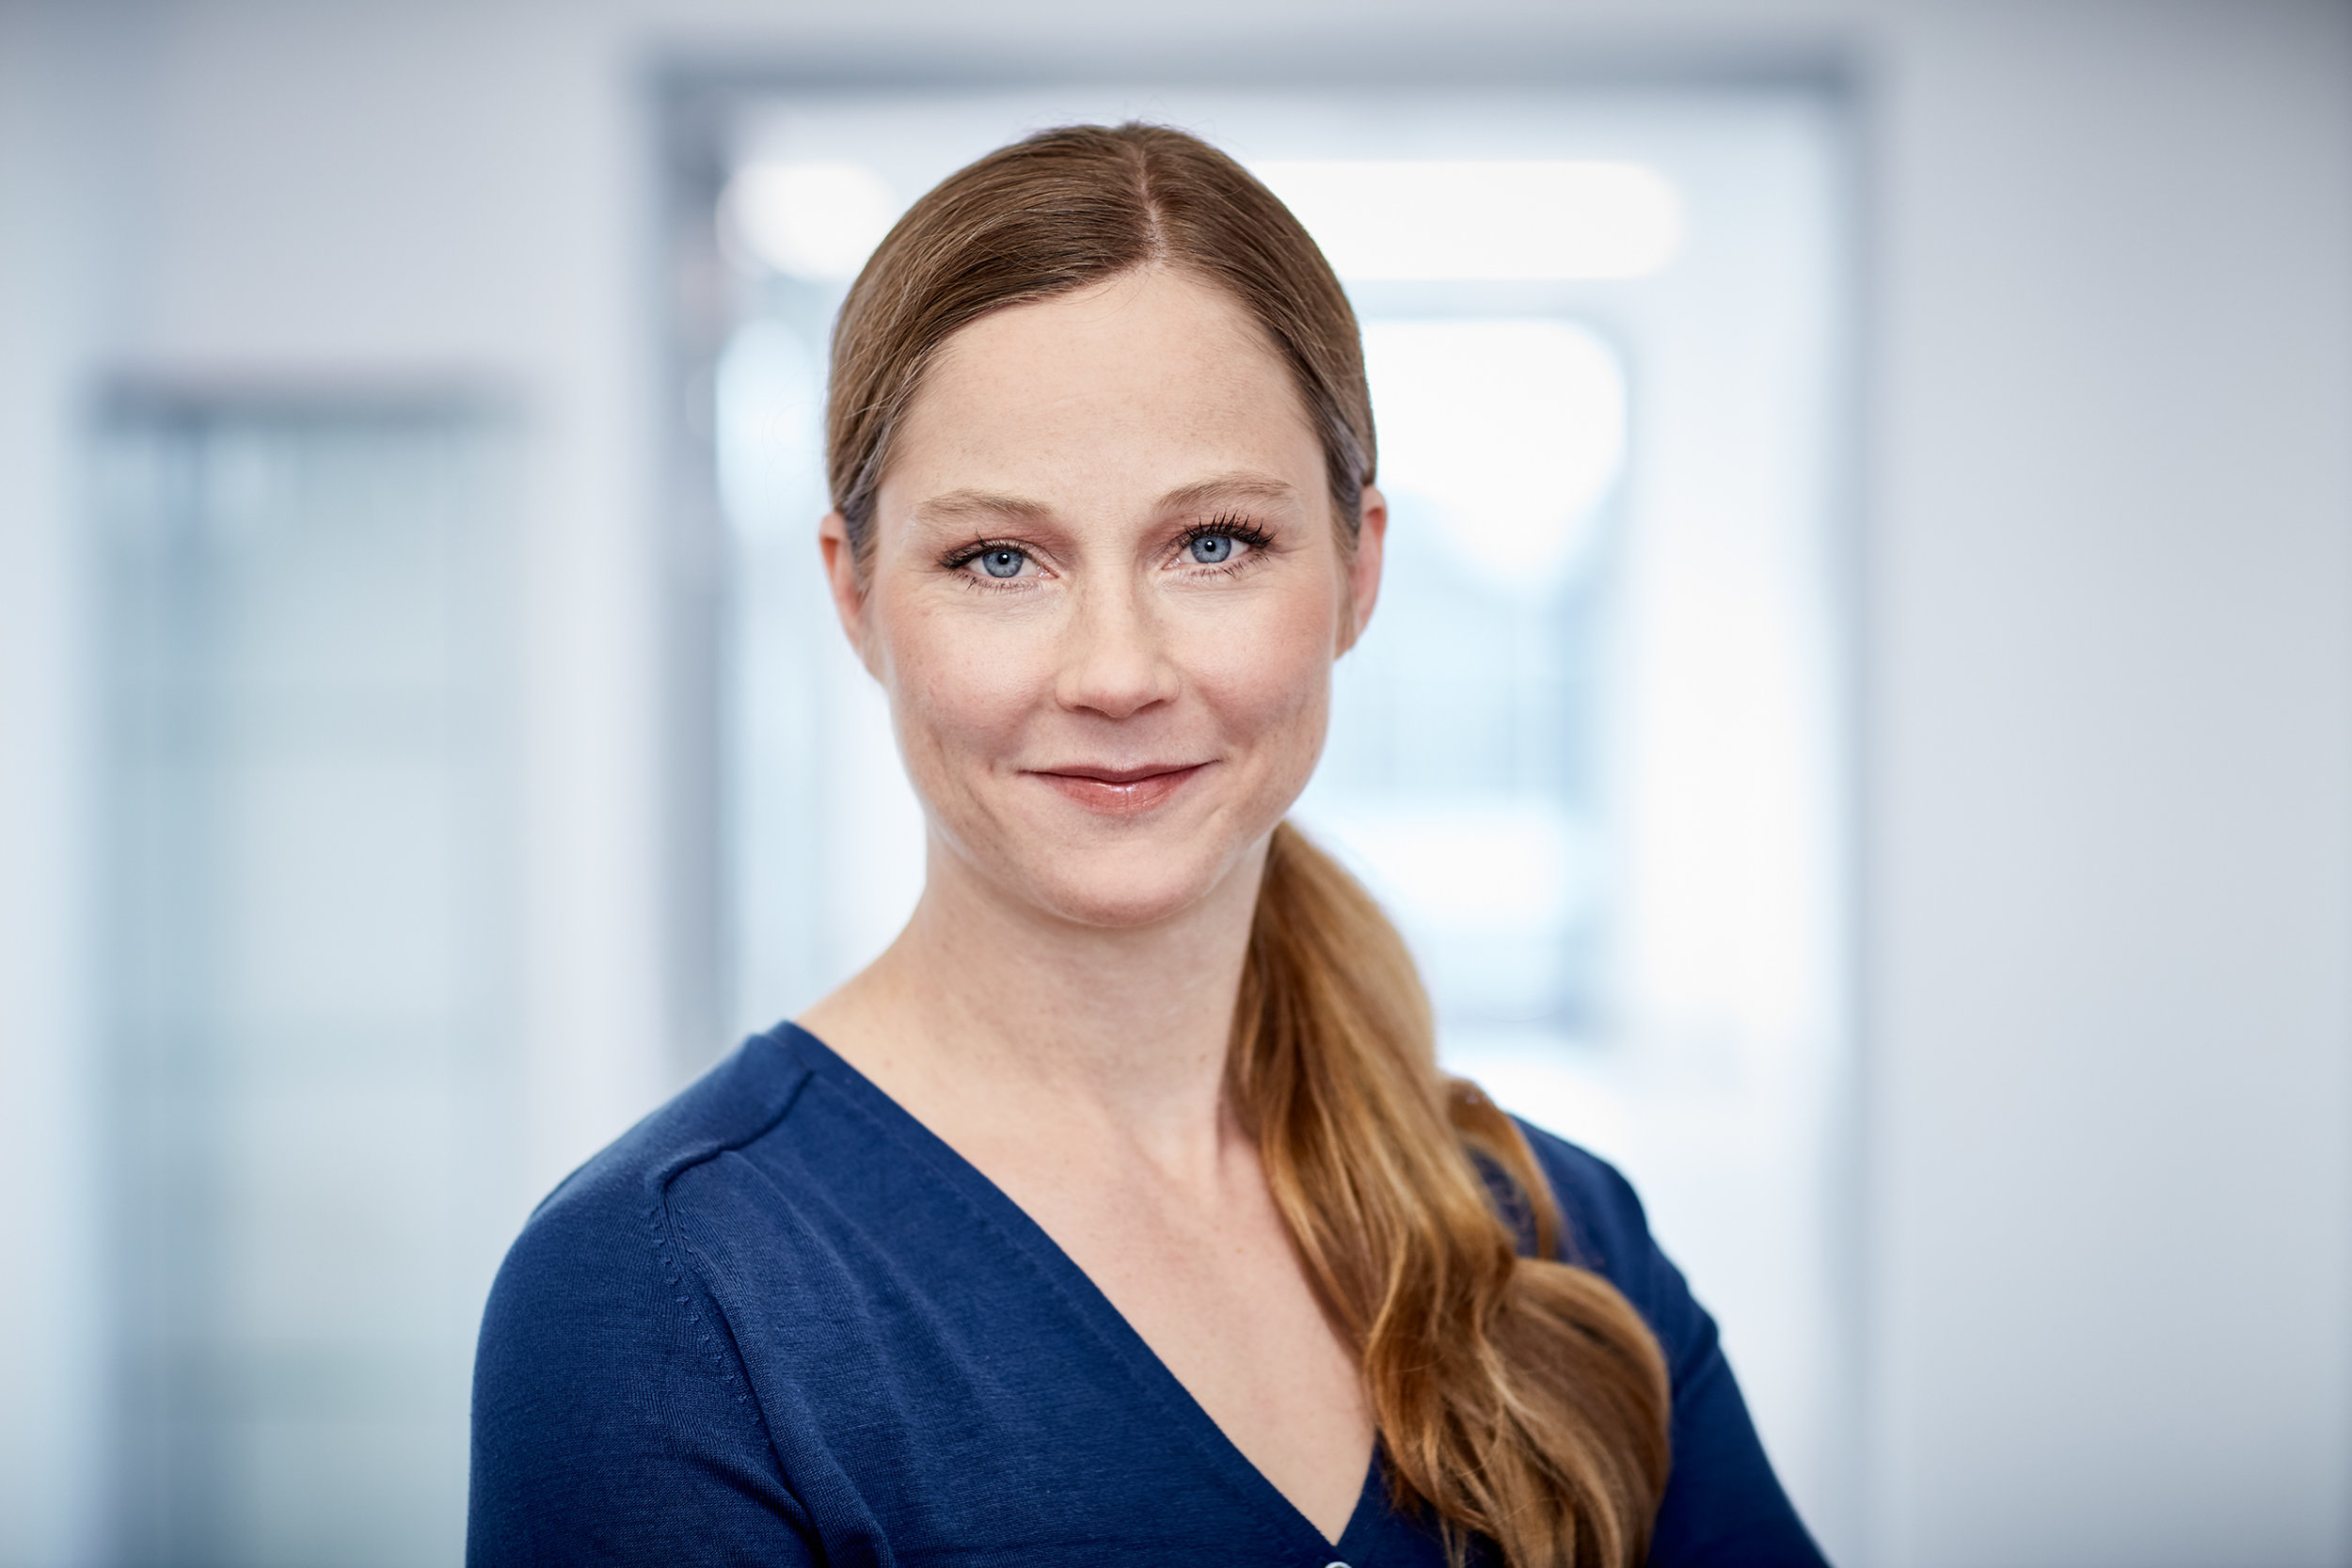 """Kornelia Aigner - Dipl.-Biologin:    Als wissenschaftliche Mitarbeiterin des Medias Klinikums plant und betreut sie Studien zur regionalen Chemotherapie. Ihr Forschungsschwerpunkt ist der Immunstatus und das Tumormikromilieu während der Therapie. Außerdem leitet sie den Bereich """"Personalisierte Medizin""""."""